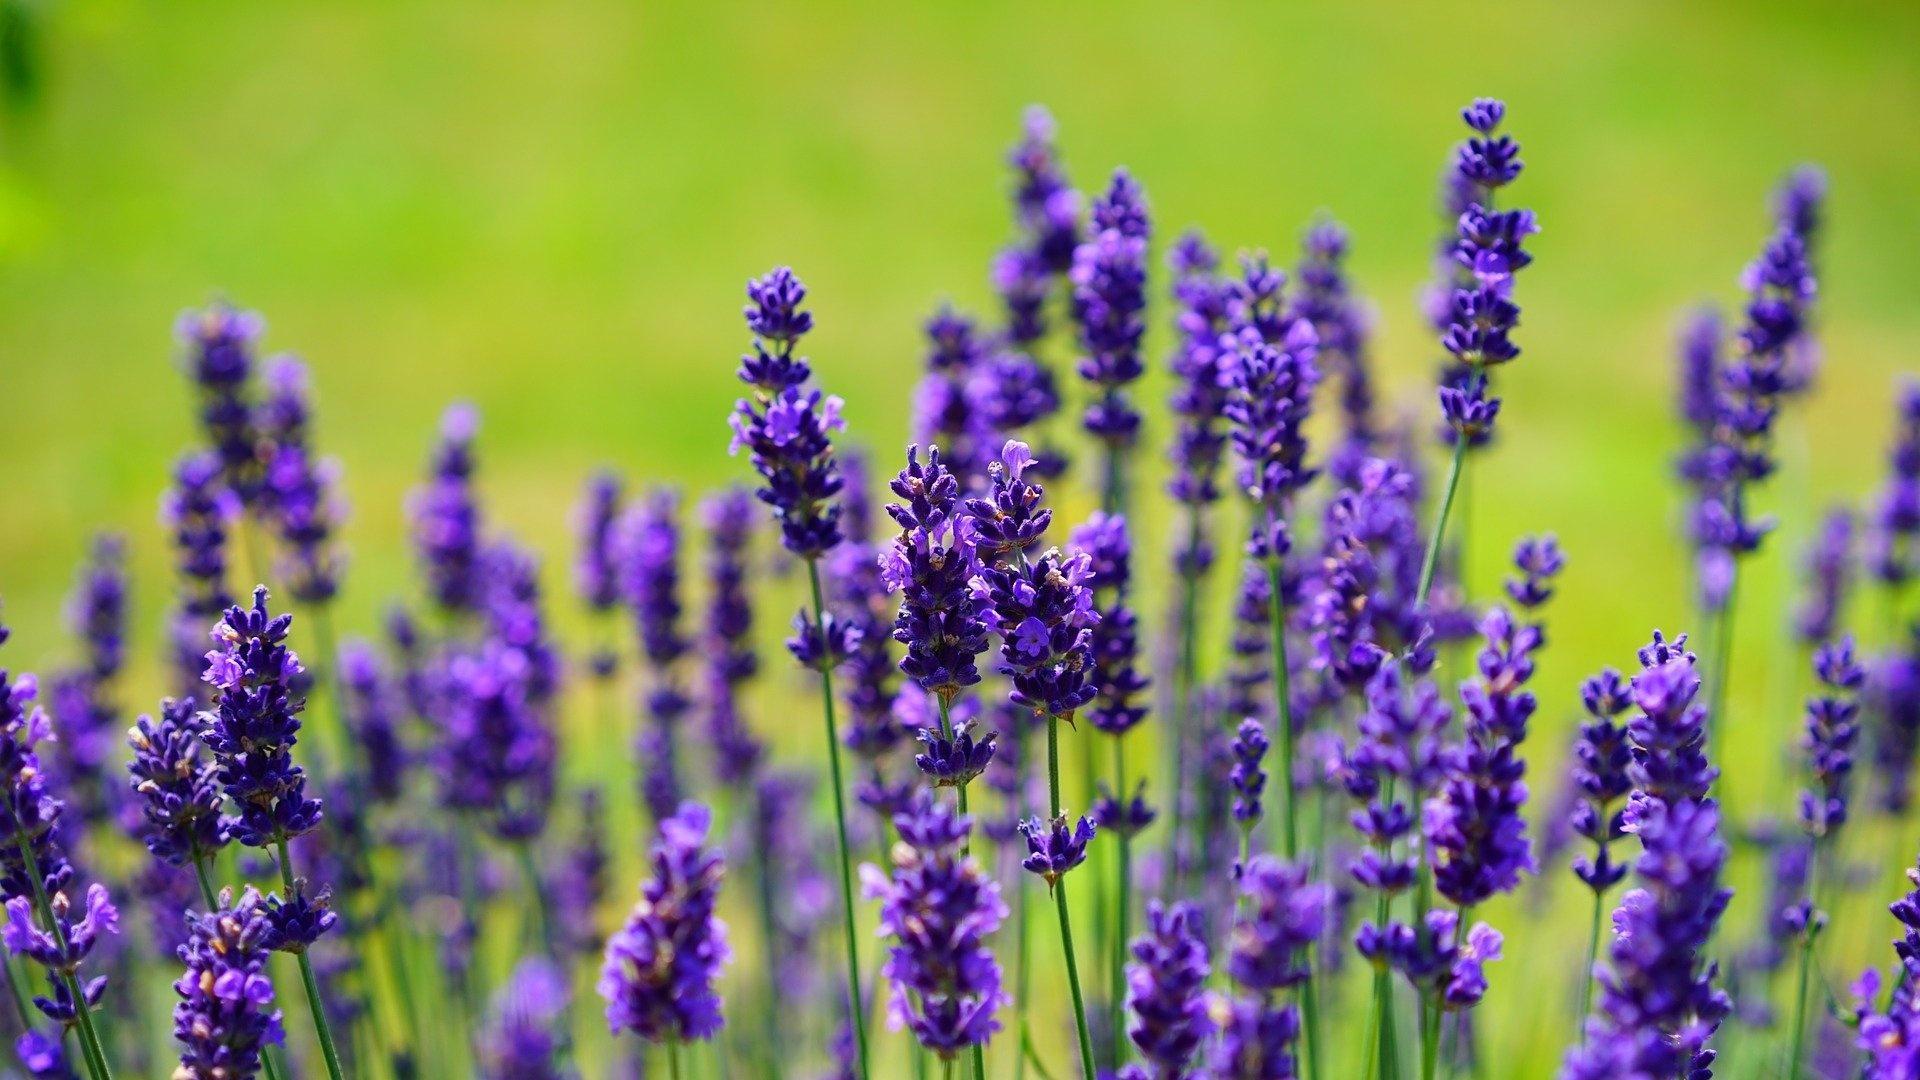 Lavendel verarbeiten - 5 tolle Anwendungen